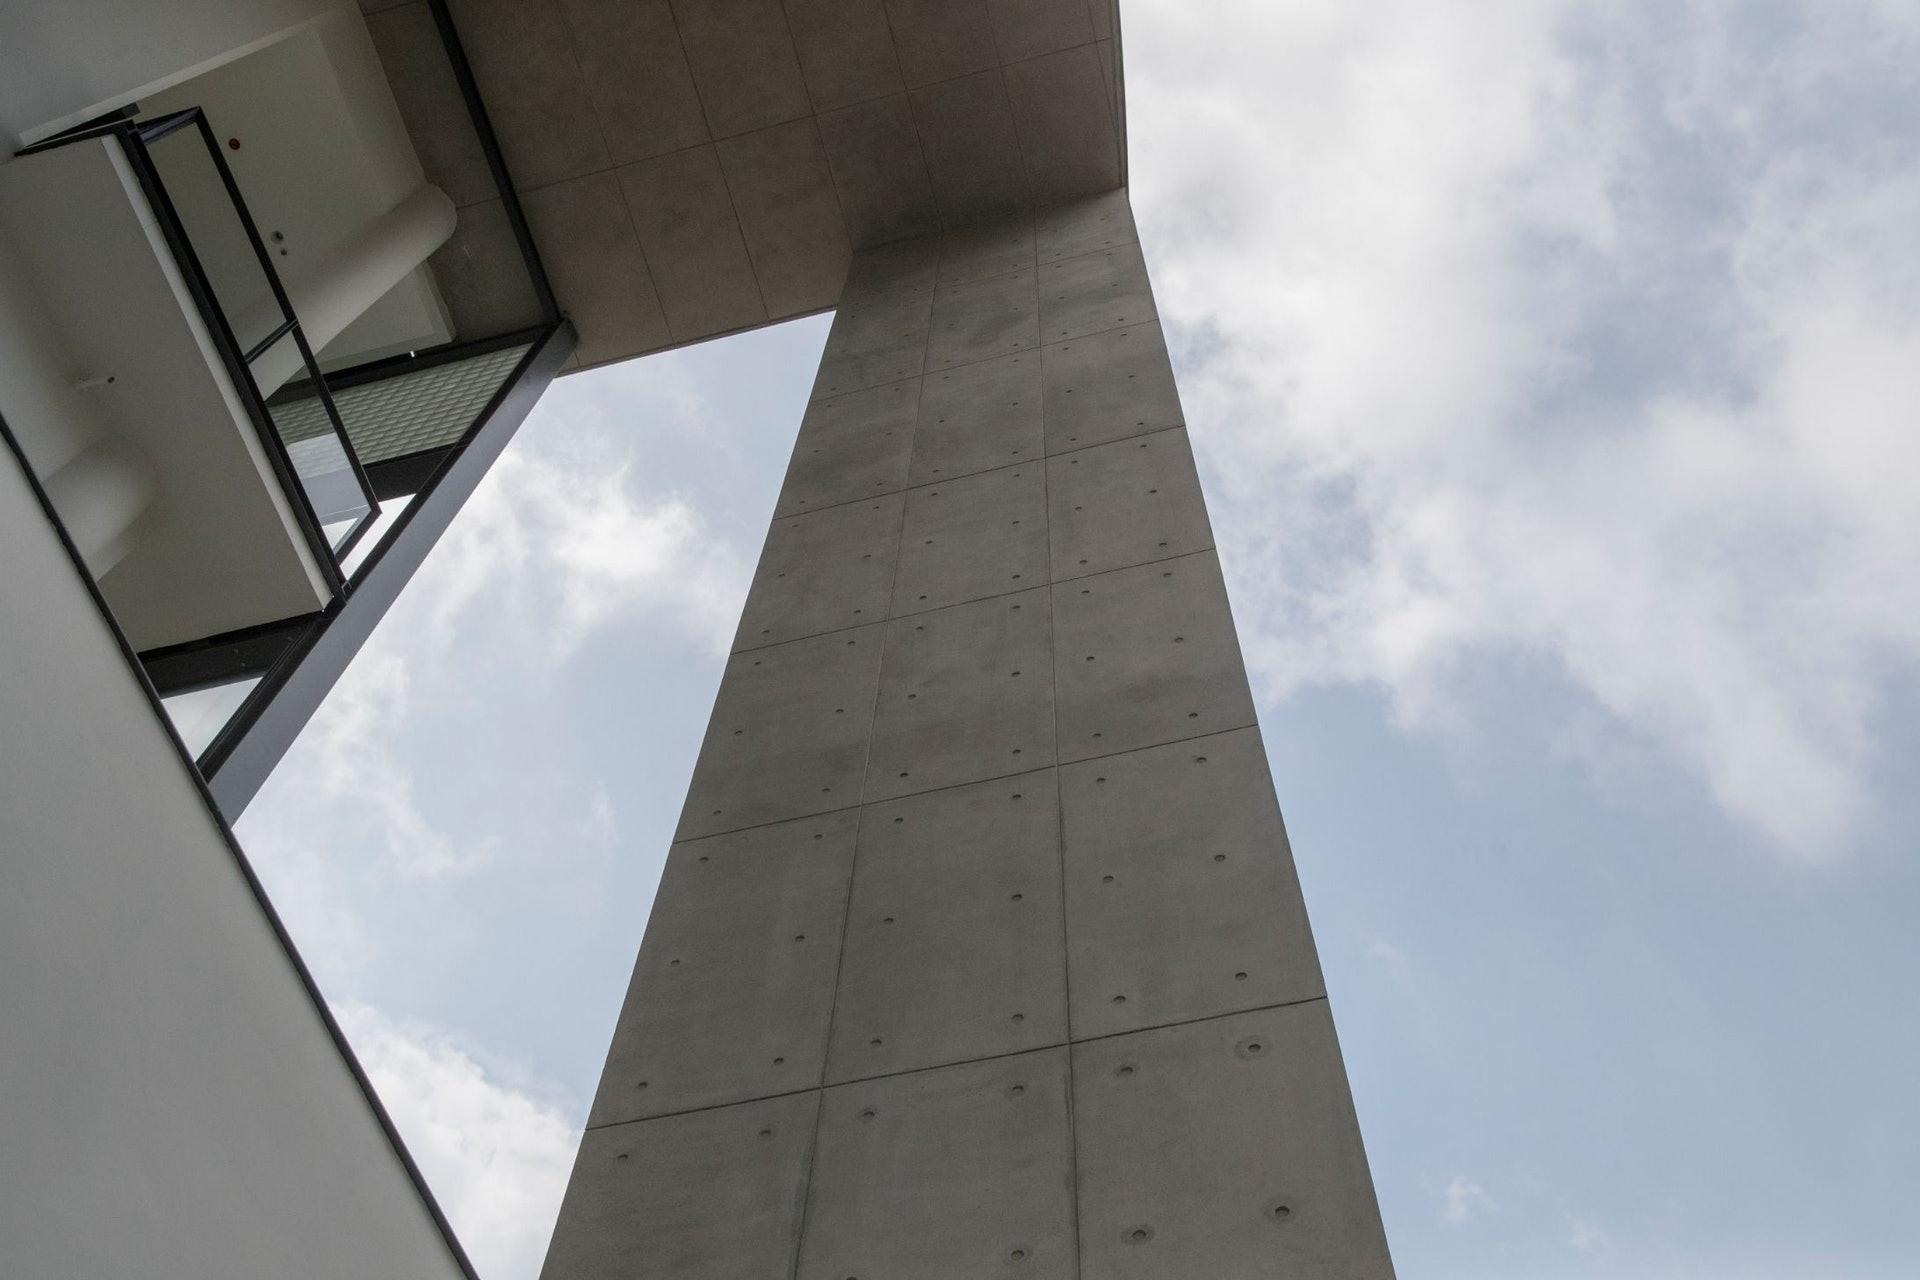 建築物用上清水混凝土,因為以混凝土直接作為建築物的外觀,講求很高的工藝水準。(余俊亮 攝)